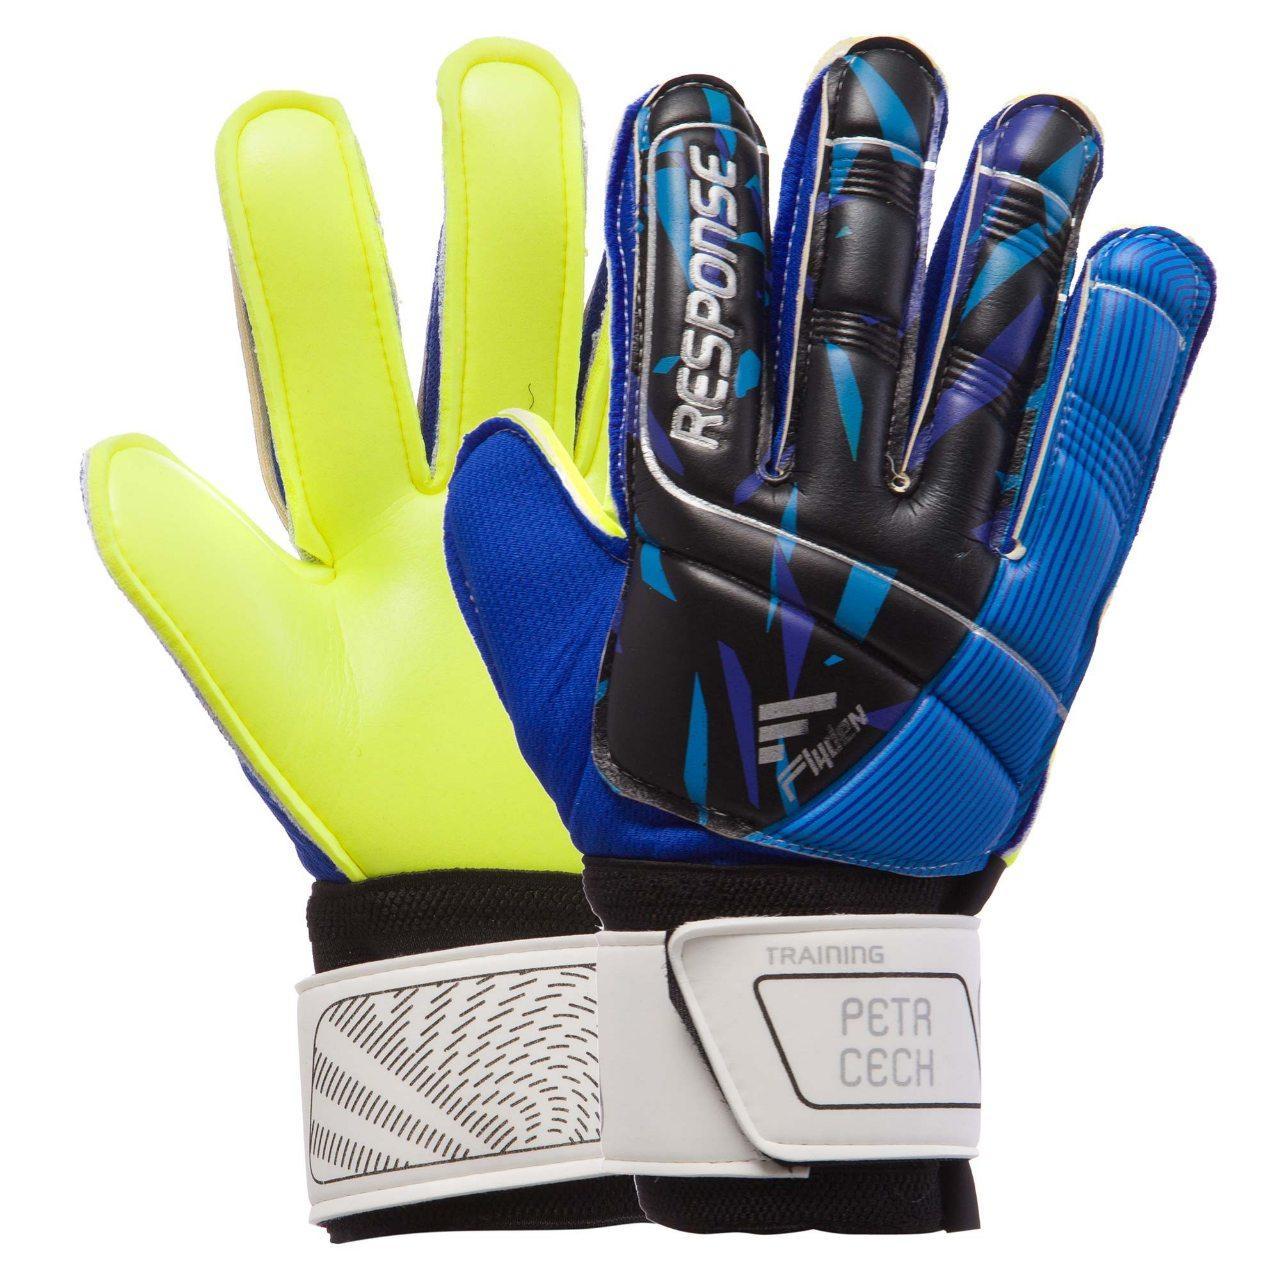 Вратарские Детские перчатки PETRCECH салатово-синие